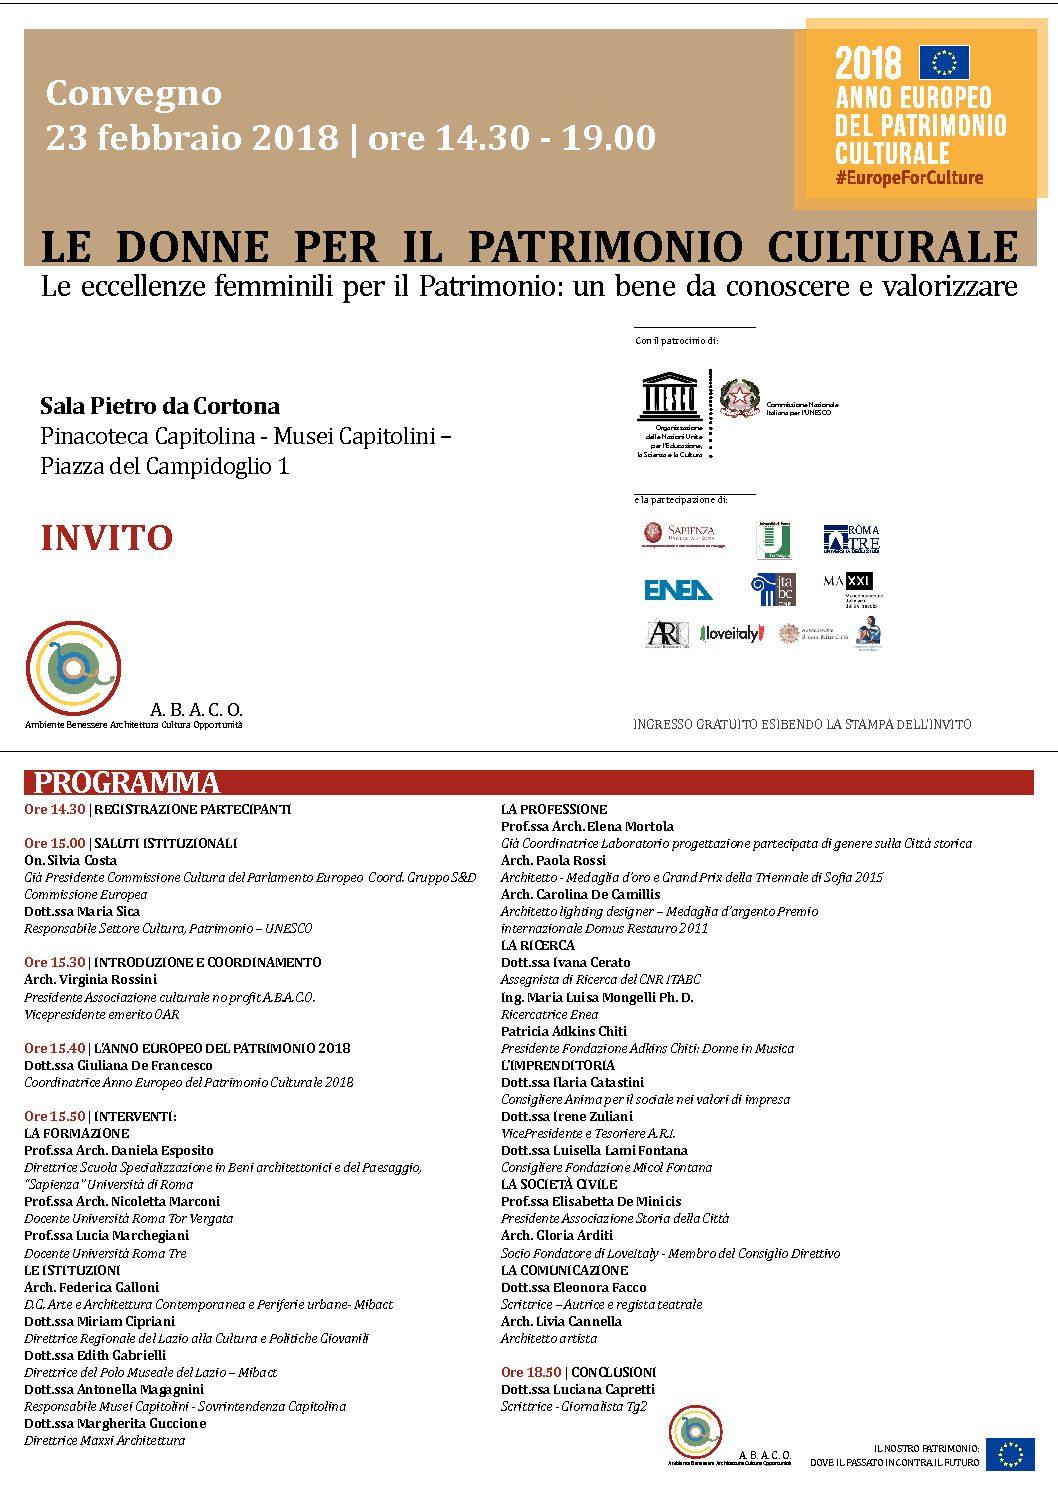 Convegno - Le donne per il Patrimonio Culturale